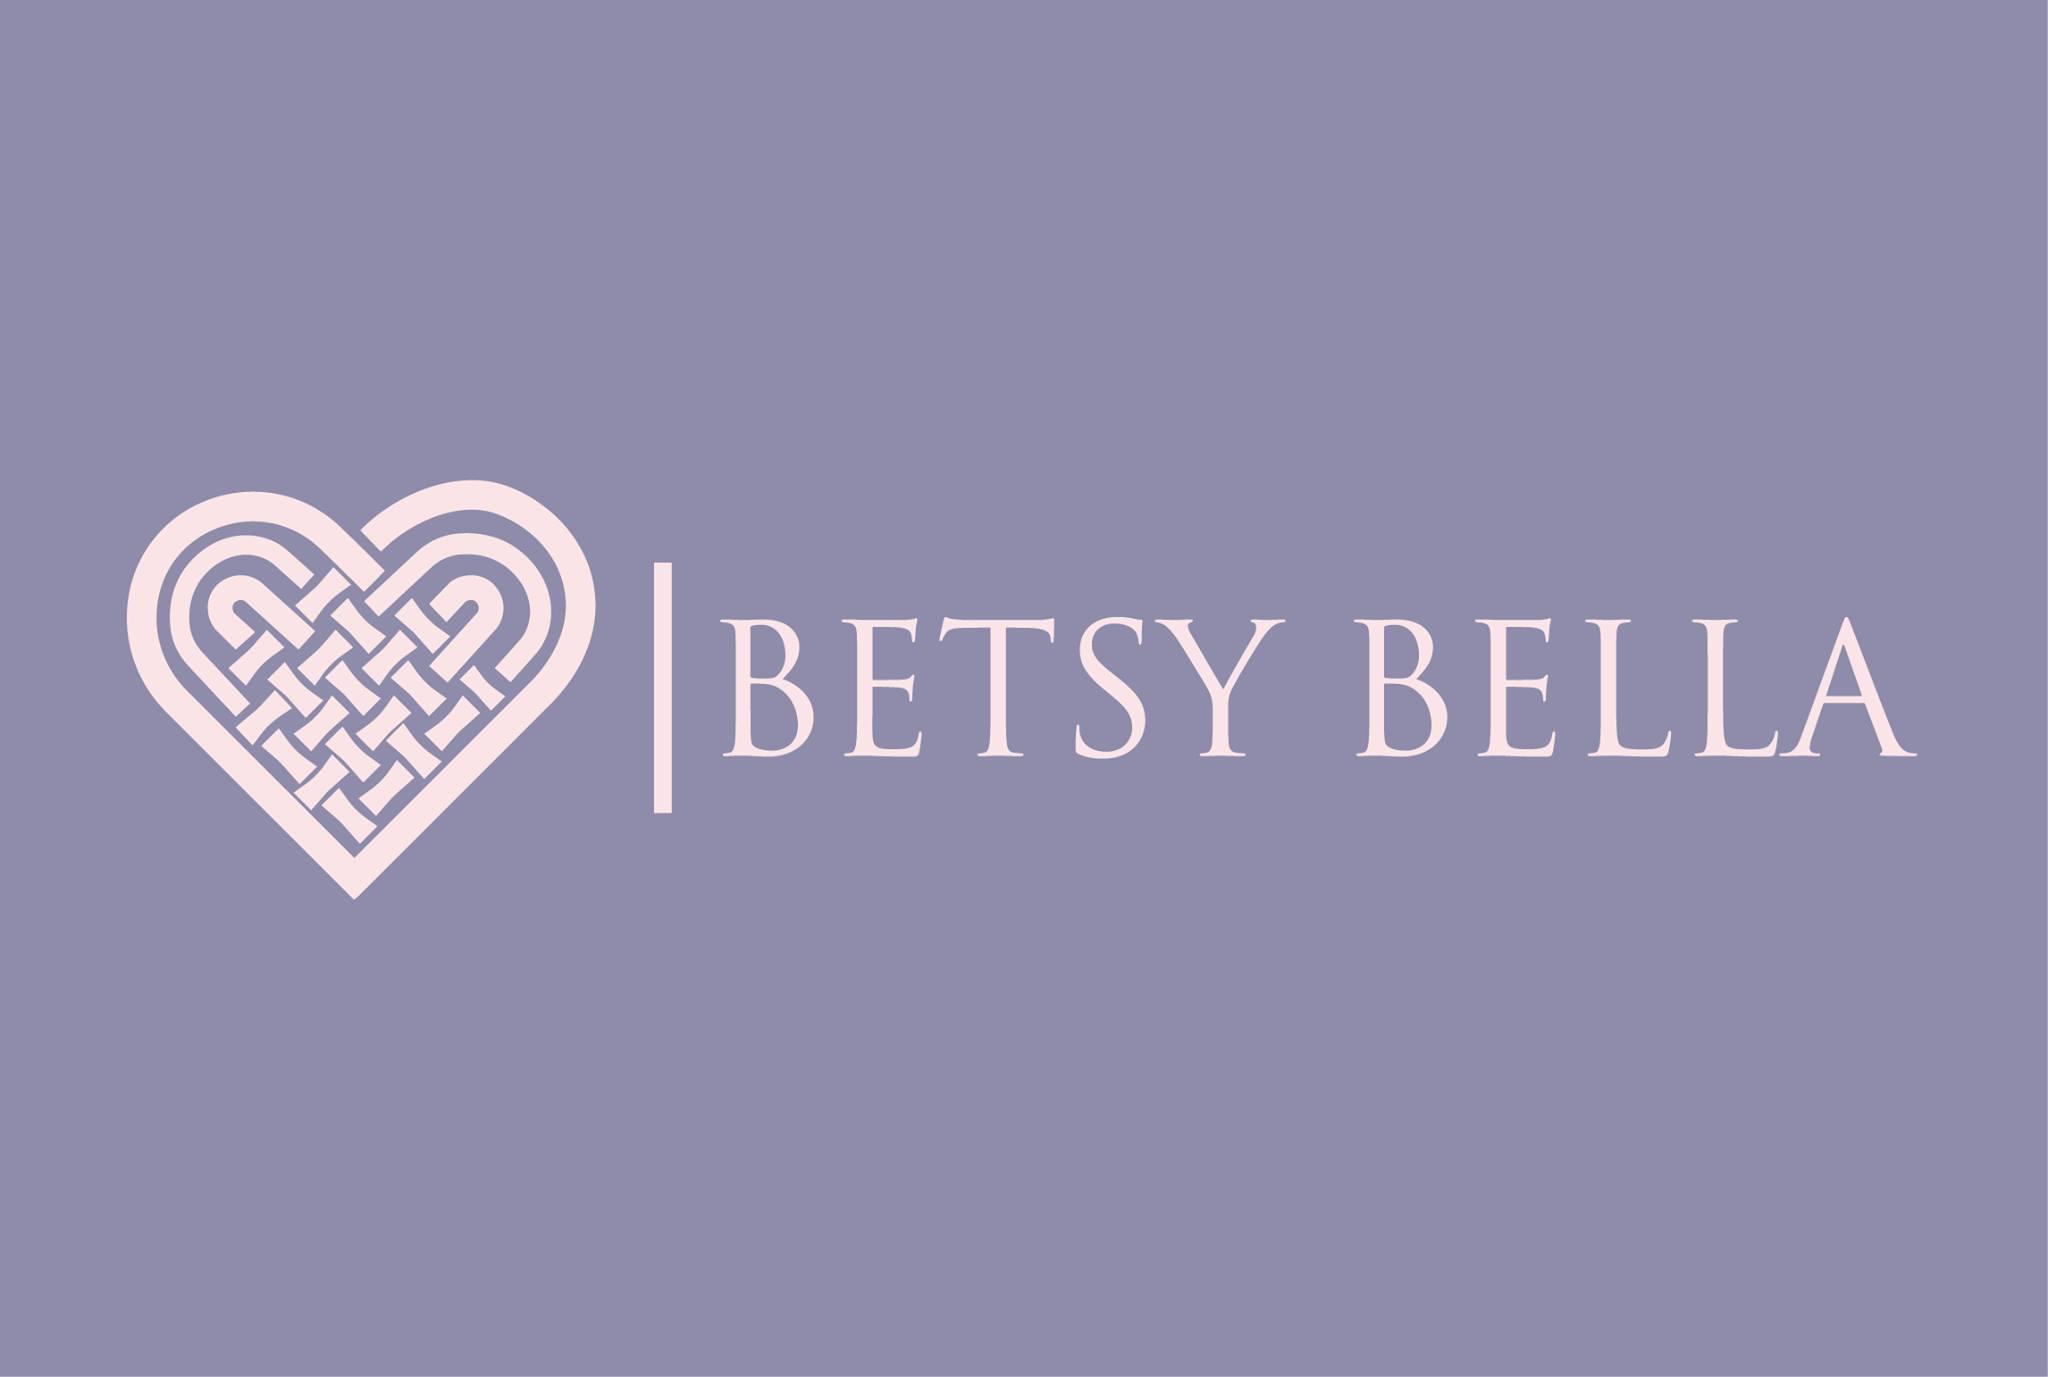 Betsy Bella